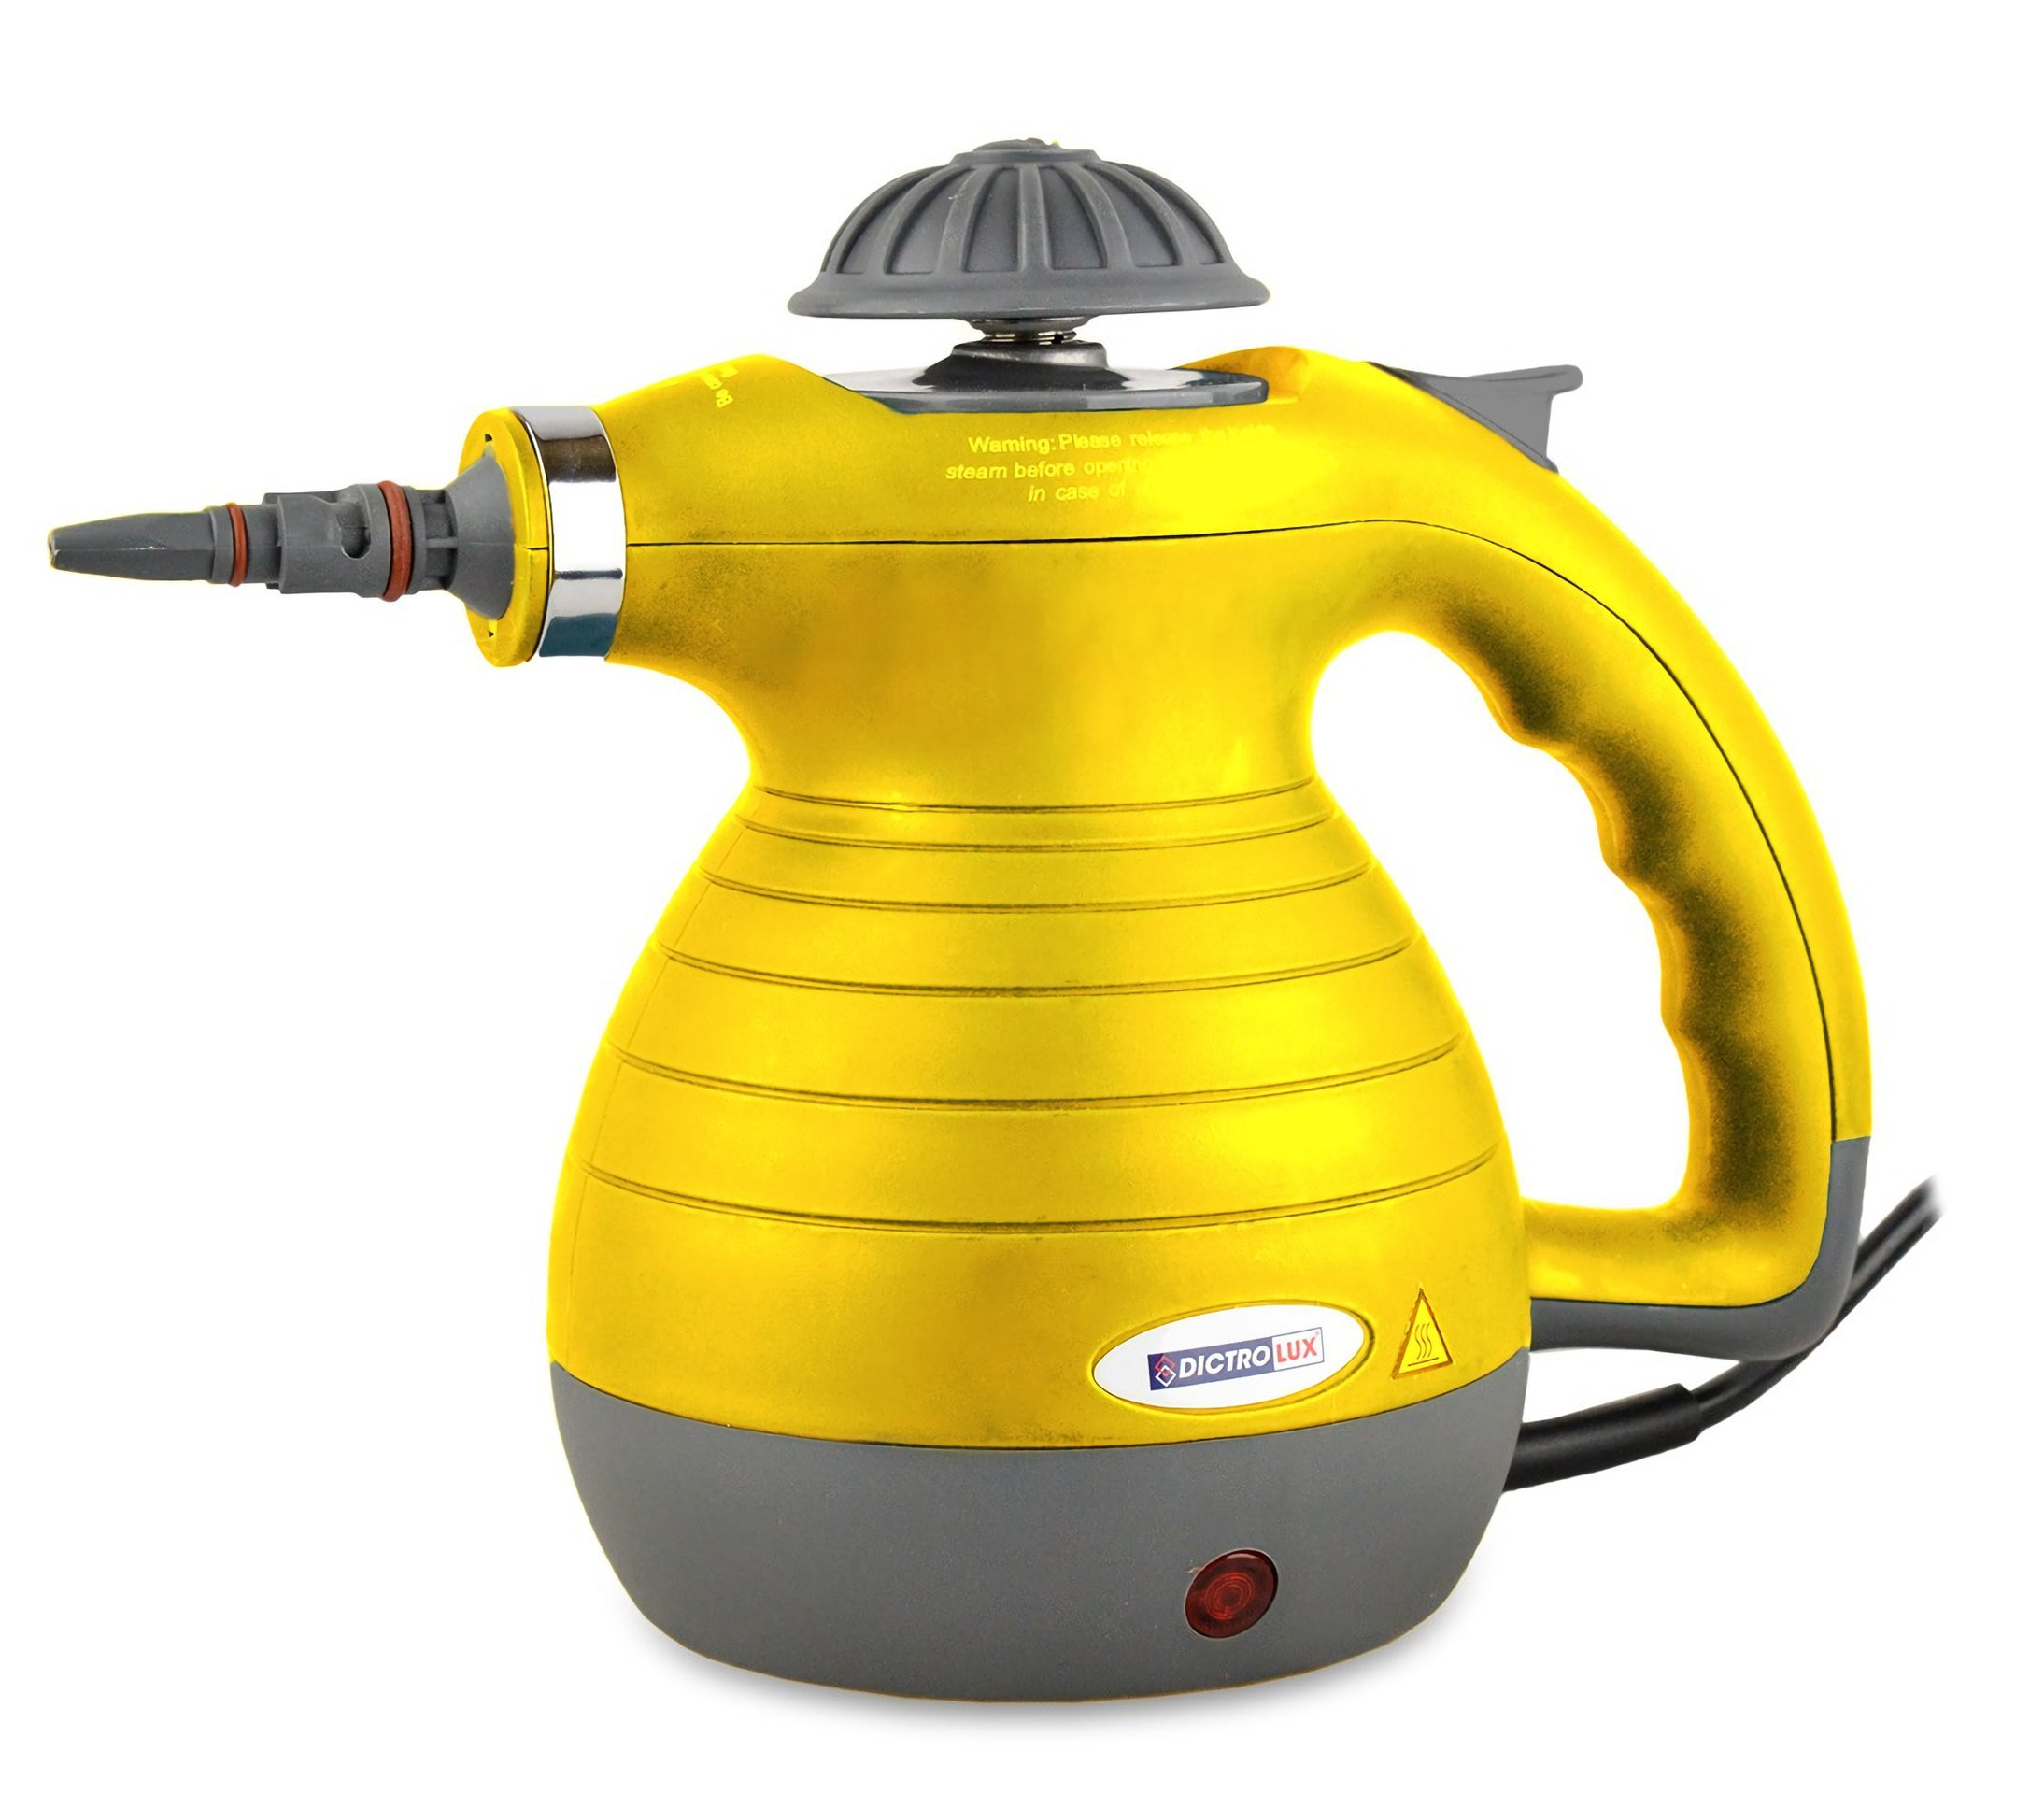 891900-dictrolux-Dampf-900-W-Elektro-Dampfreiniger-mit-8-Zubehr–Gelb